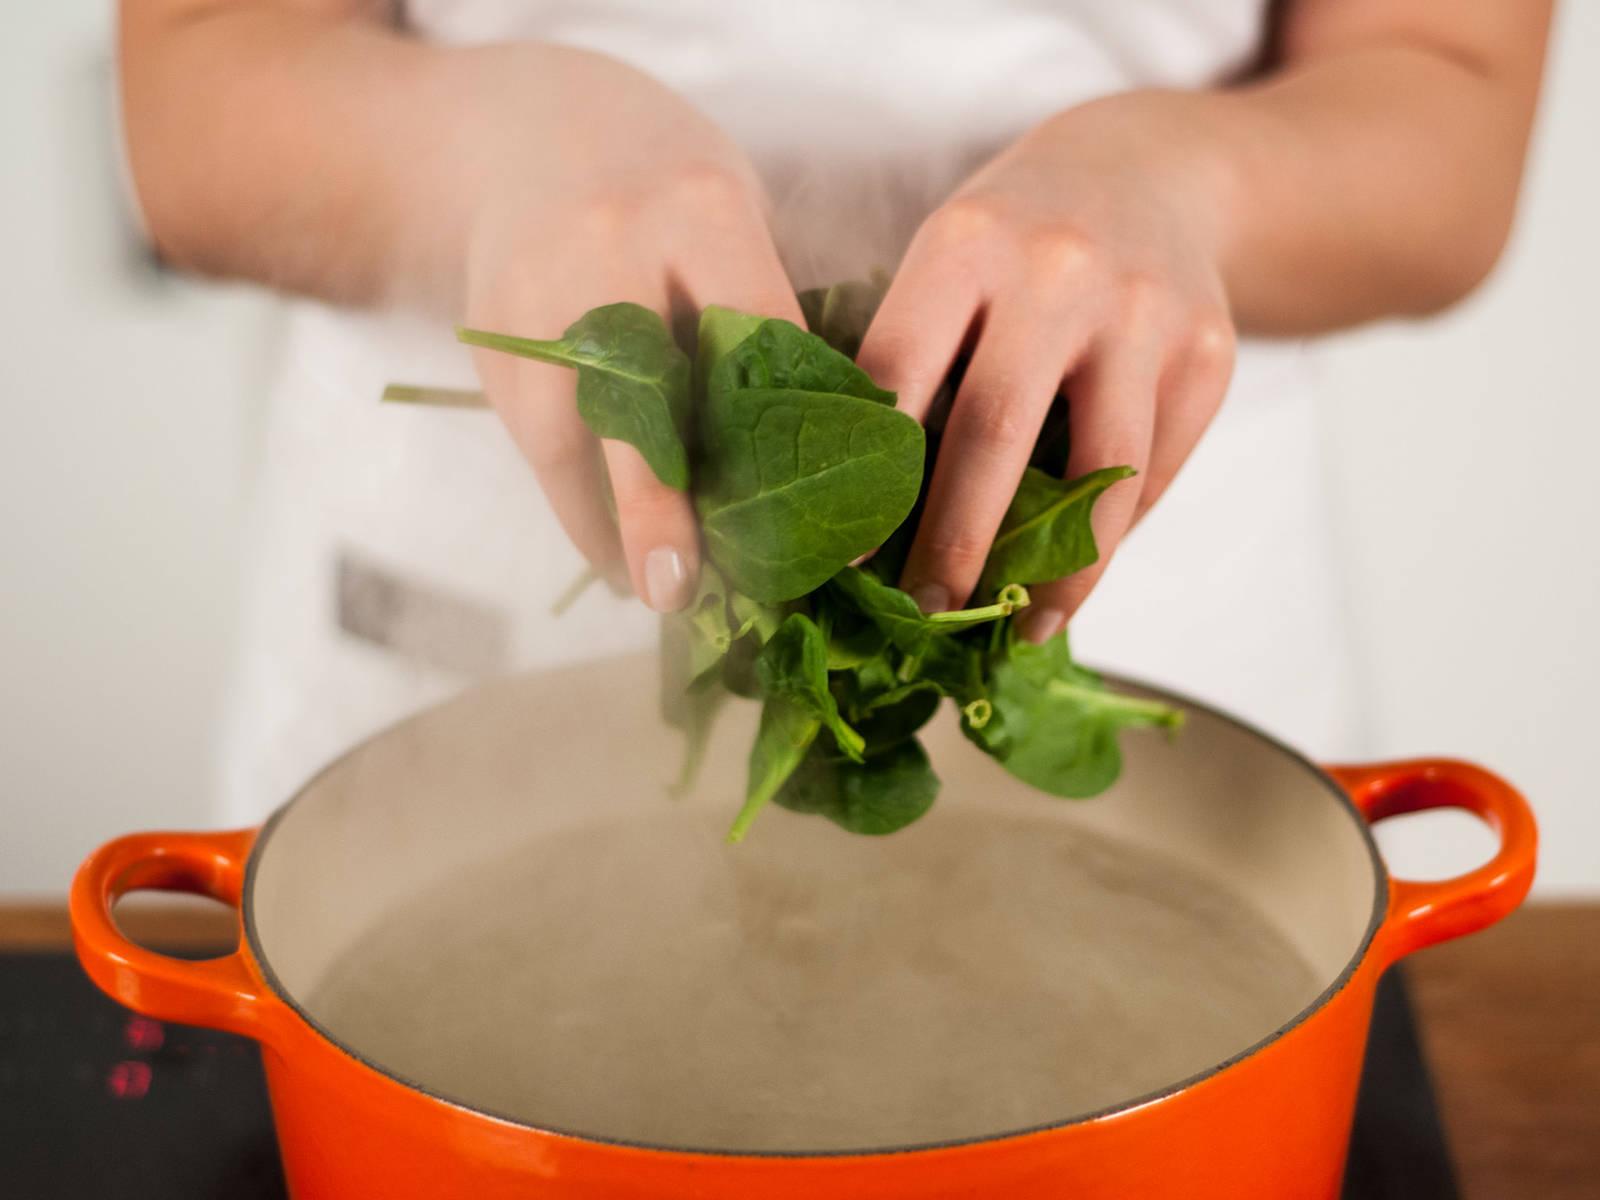 在大锅中加入水,烧开。将菠菜下入沸水中煮1-2分钟。